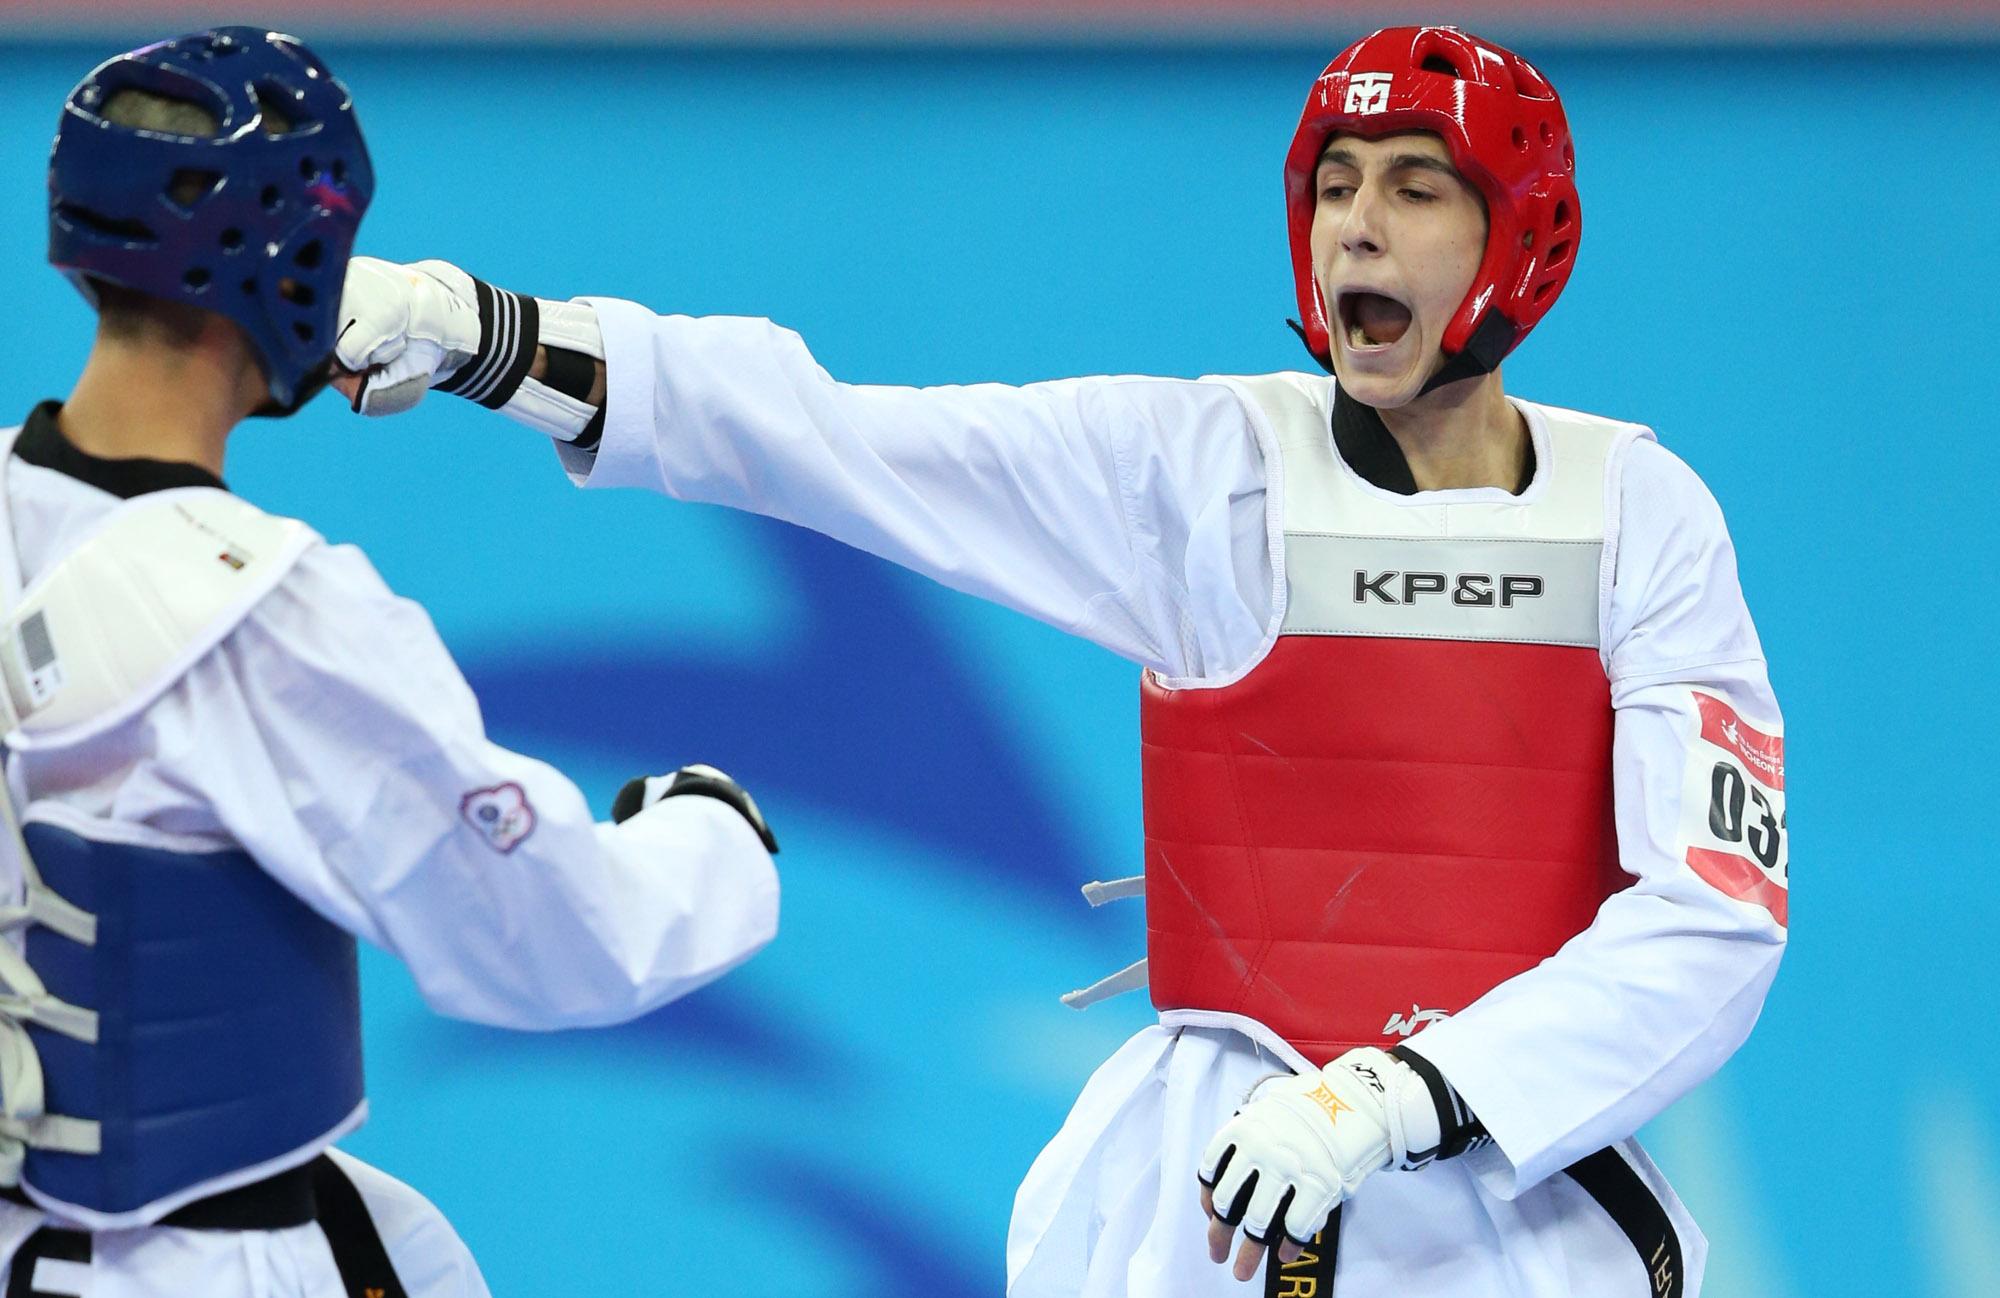 جدیدترین رنکینگ المپیکی هوگوپوشان اعلام شد /فرزان در رتبه سوم !!